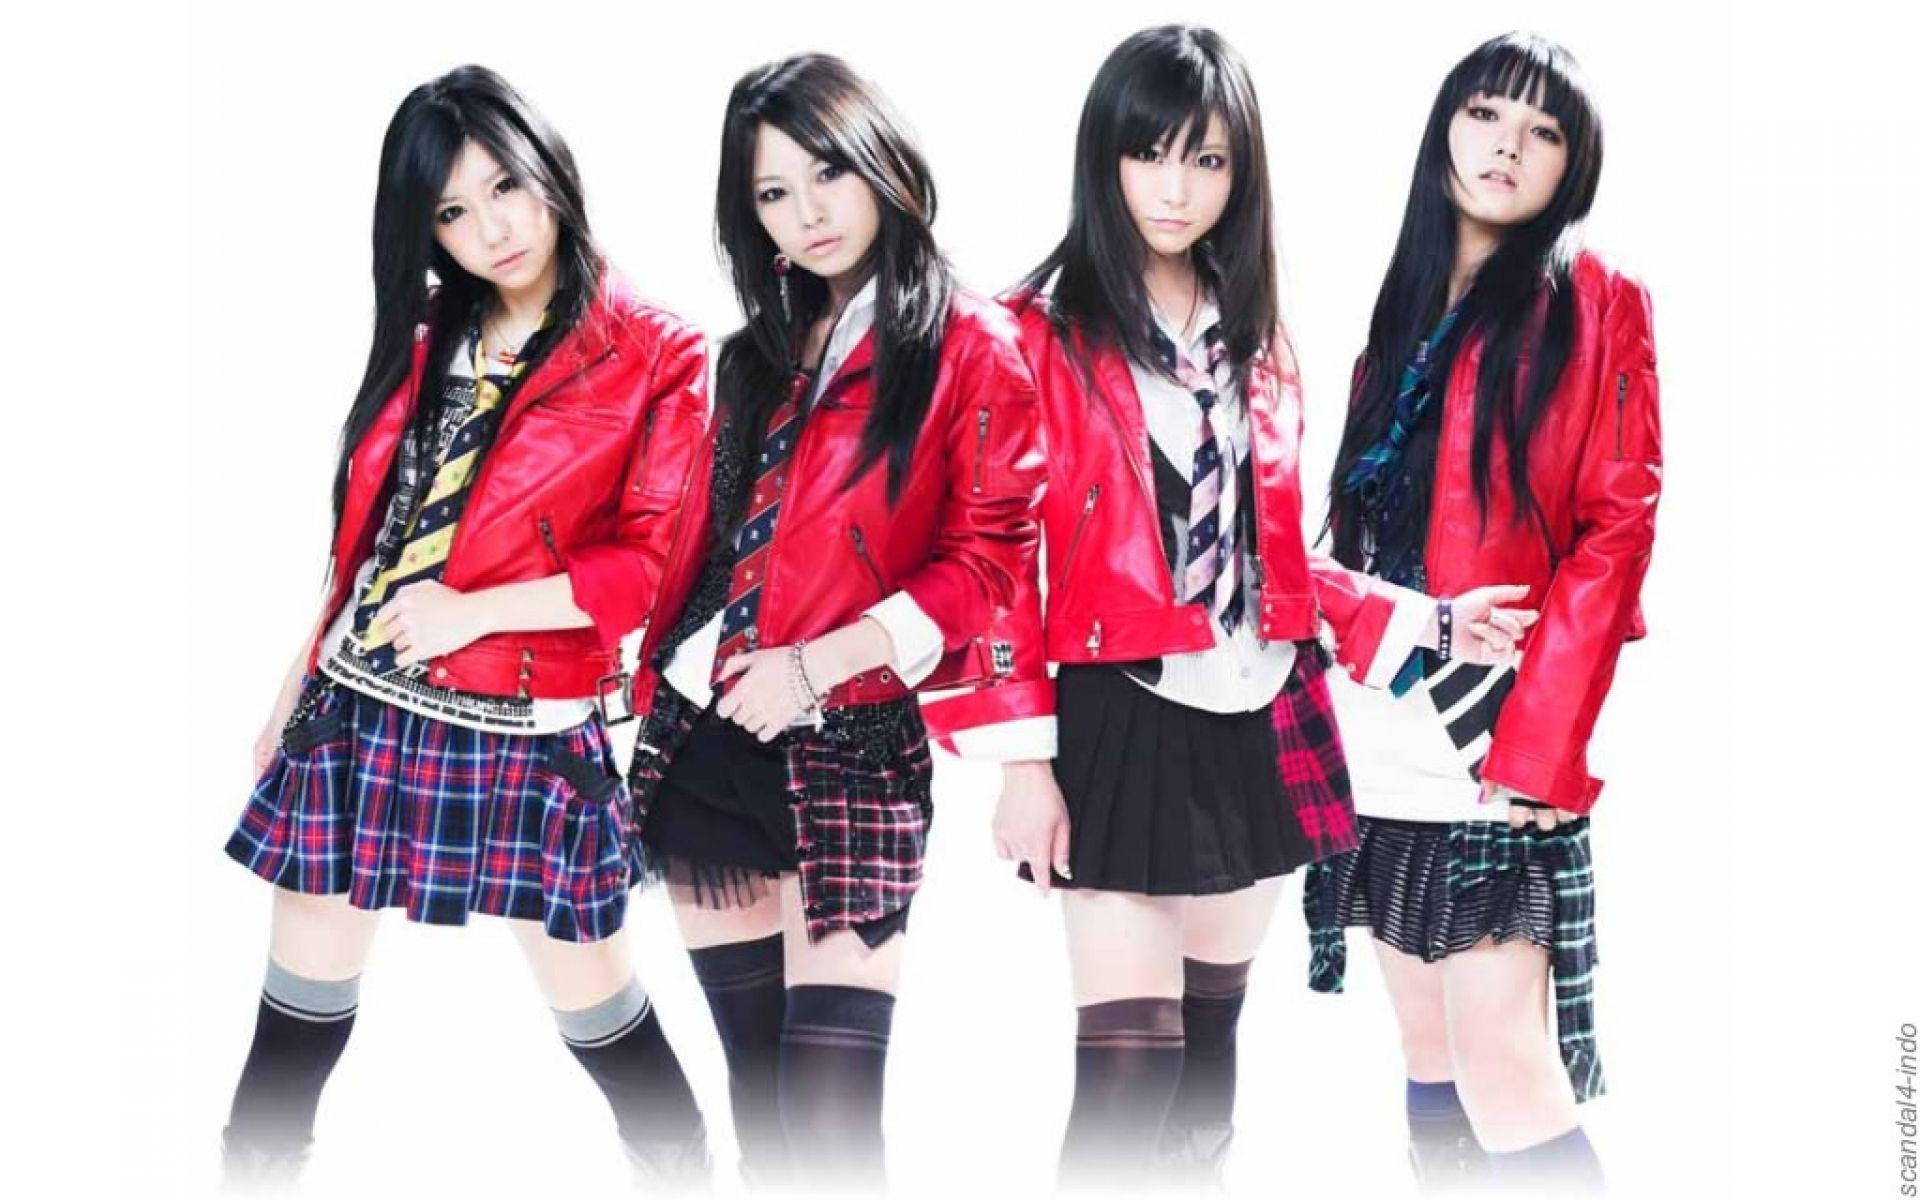 yaponskie-pop-gruppi-devushek